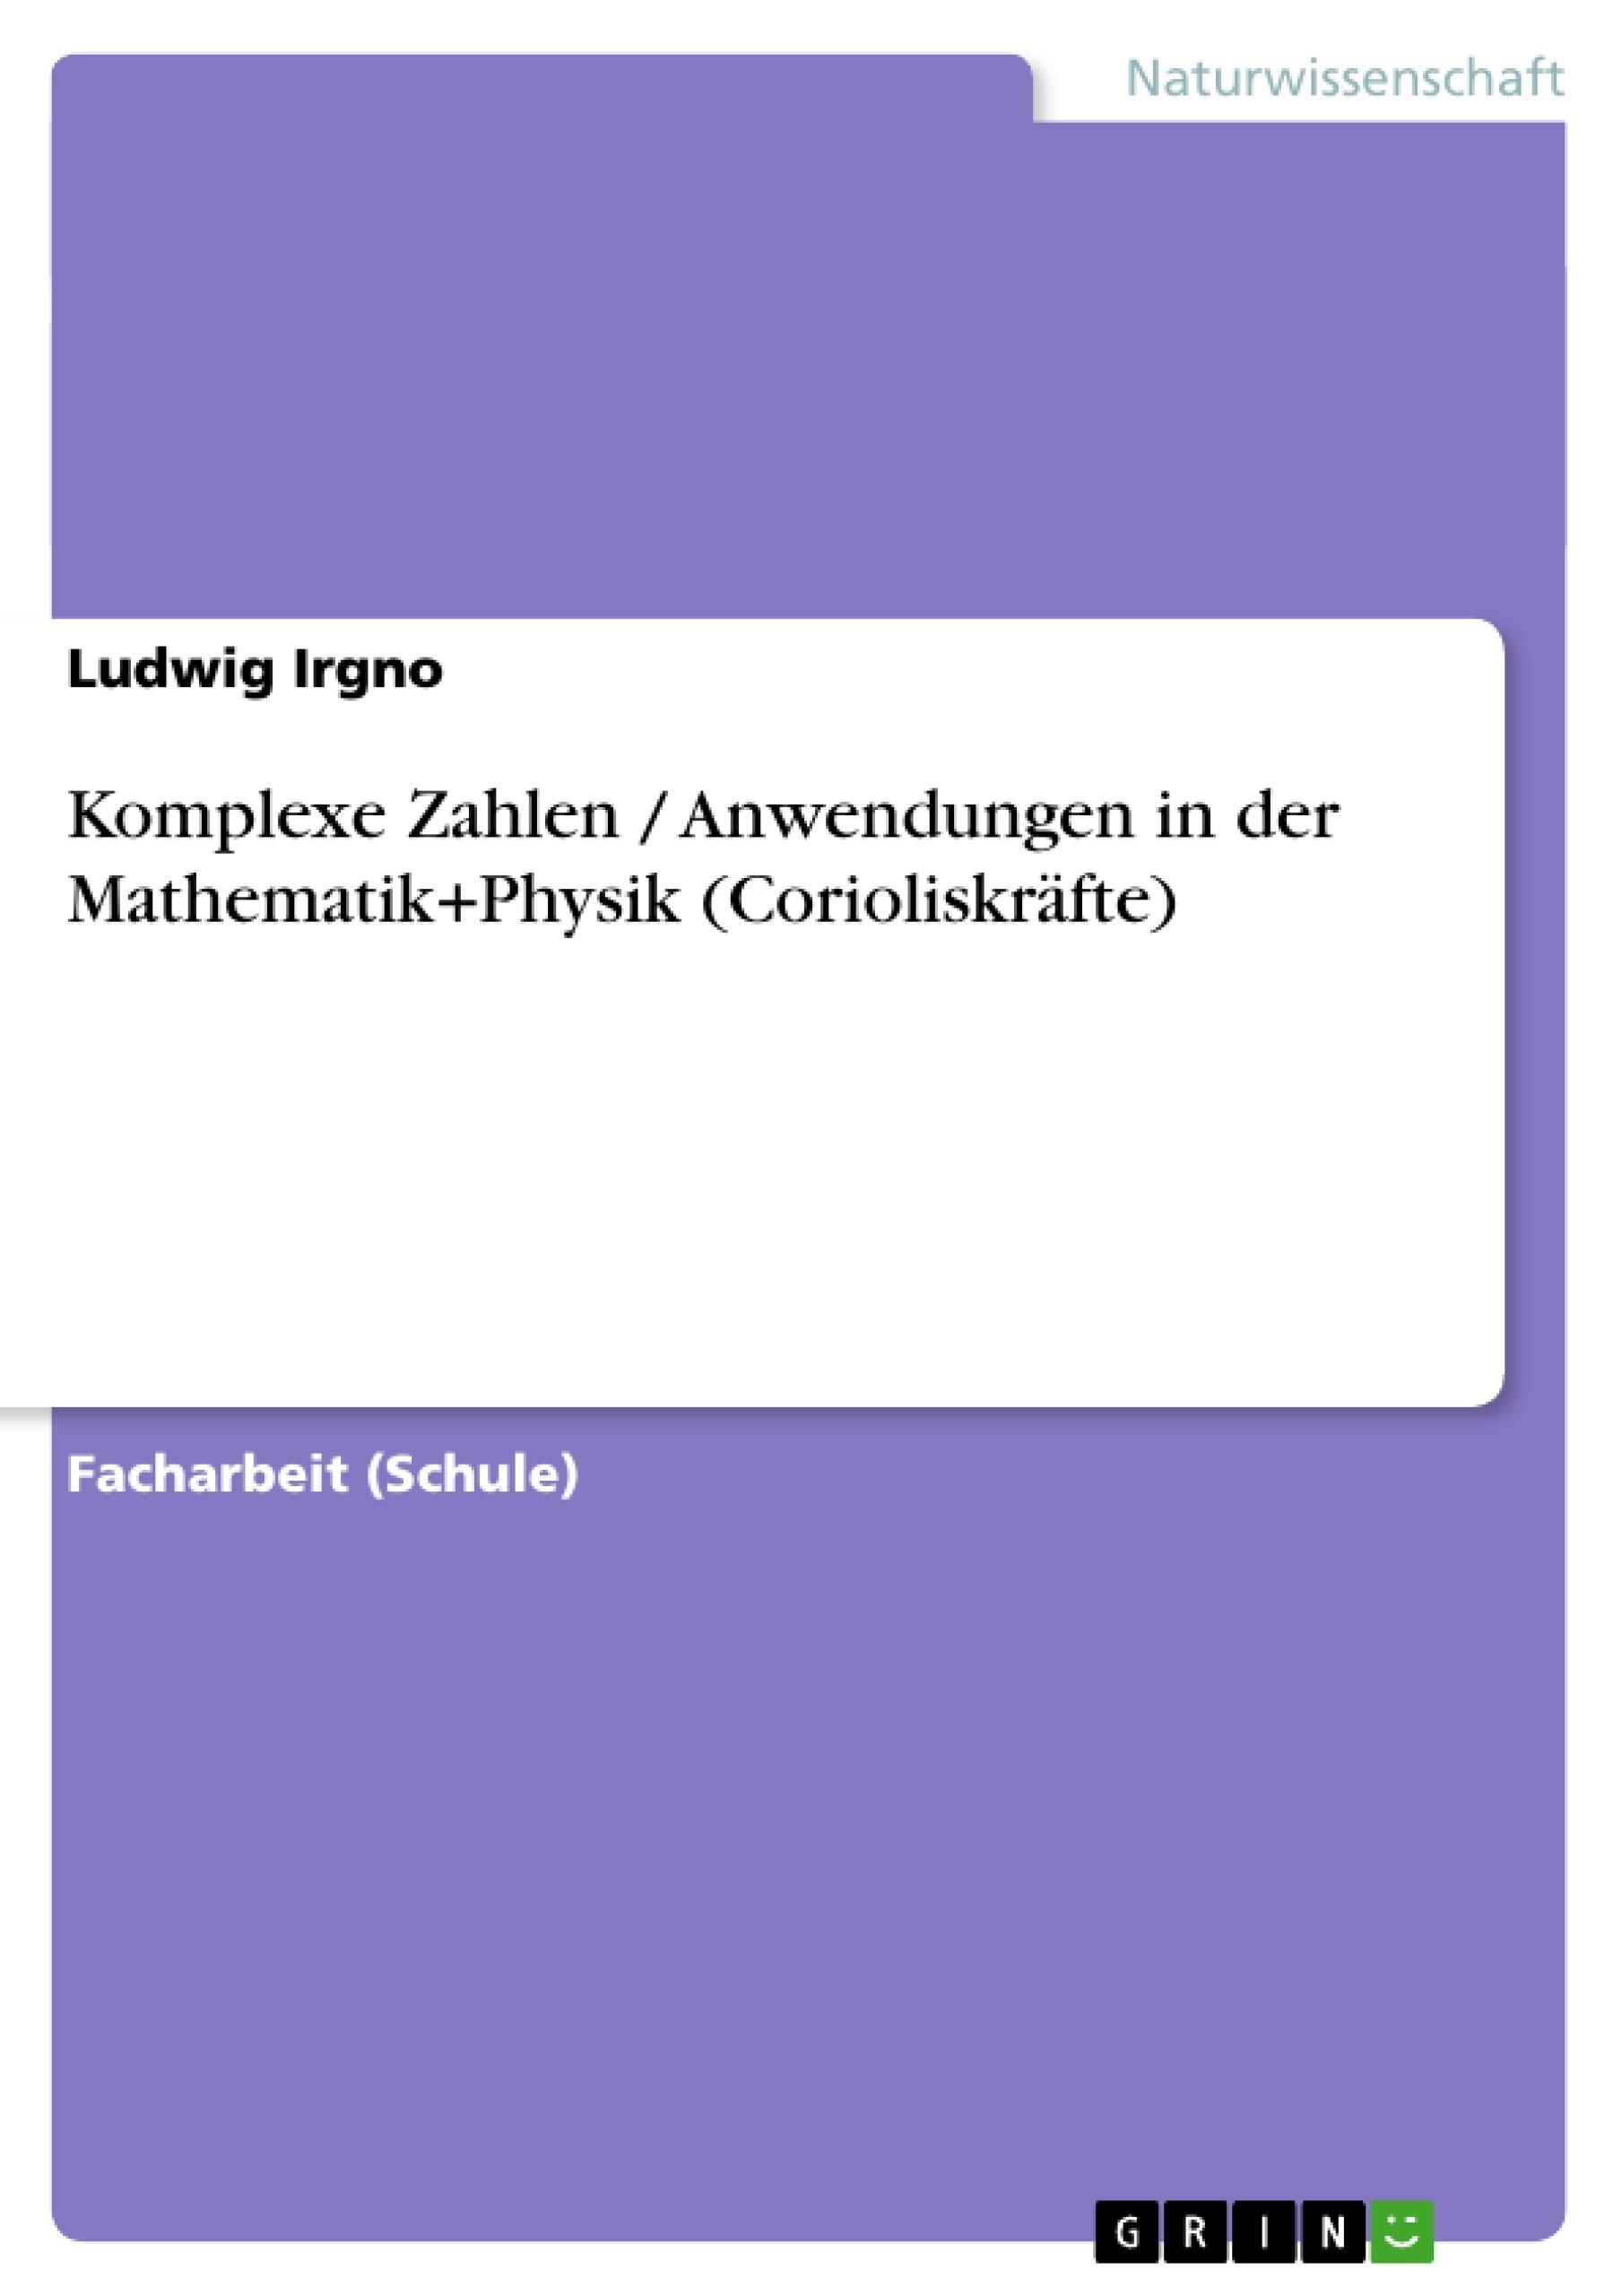 Titel: Komplexe Zahlen / Anwendungen in der Mathematik+Physik (Corioliskräfte)